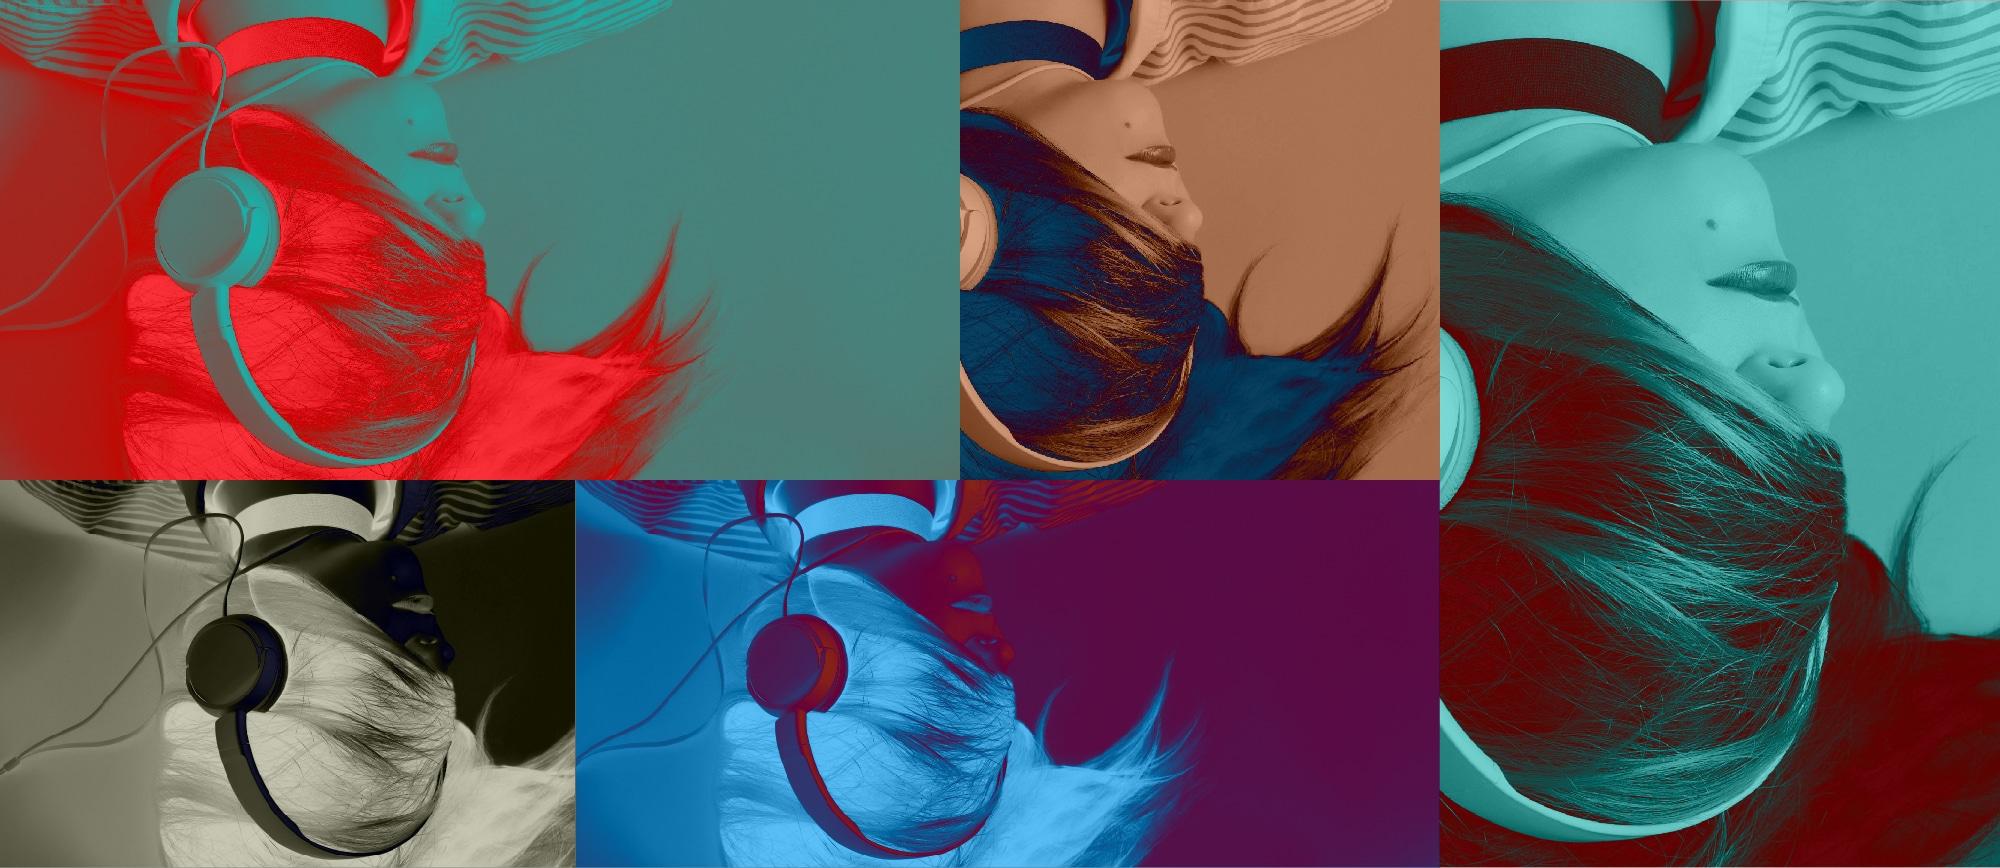 Surimpression de 5 femmes portant des écouteurs, le visage recouvert par leurs chevelures. Image utilisée pour représenter les modes de création de playlists dans iTunes